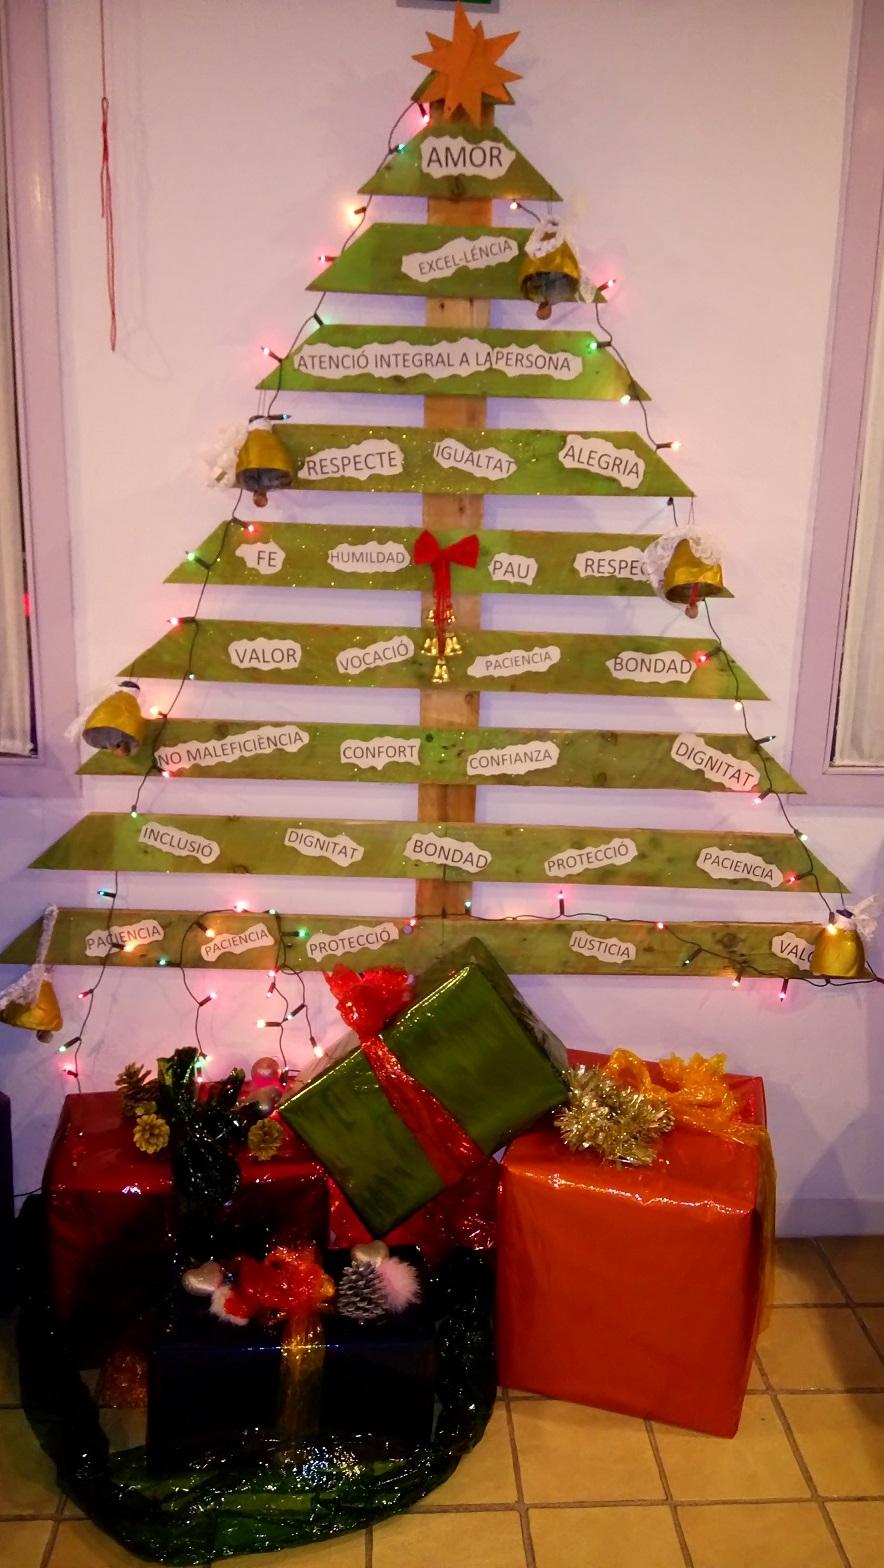 Un arbre de Nadal construït en base a un palet, una de les creacions